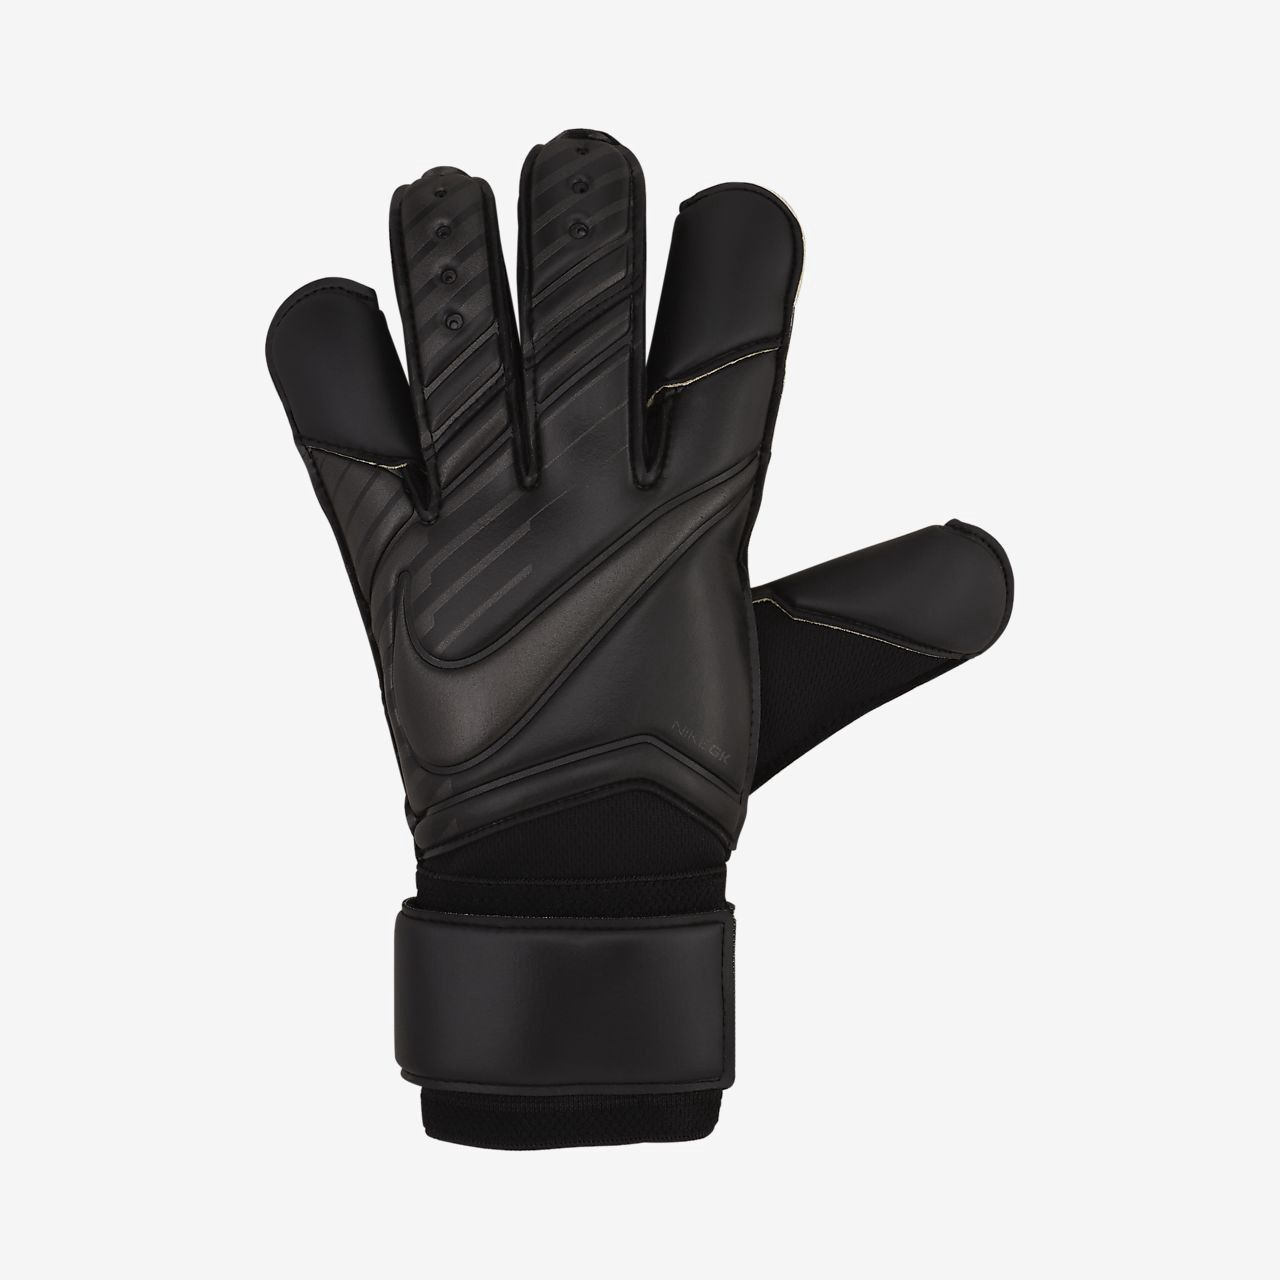 Nike vapor grip3 goalkeeper soccer gloves 7 football